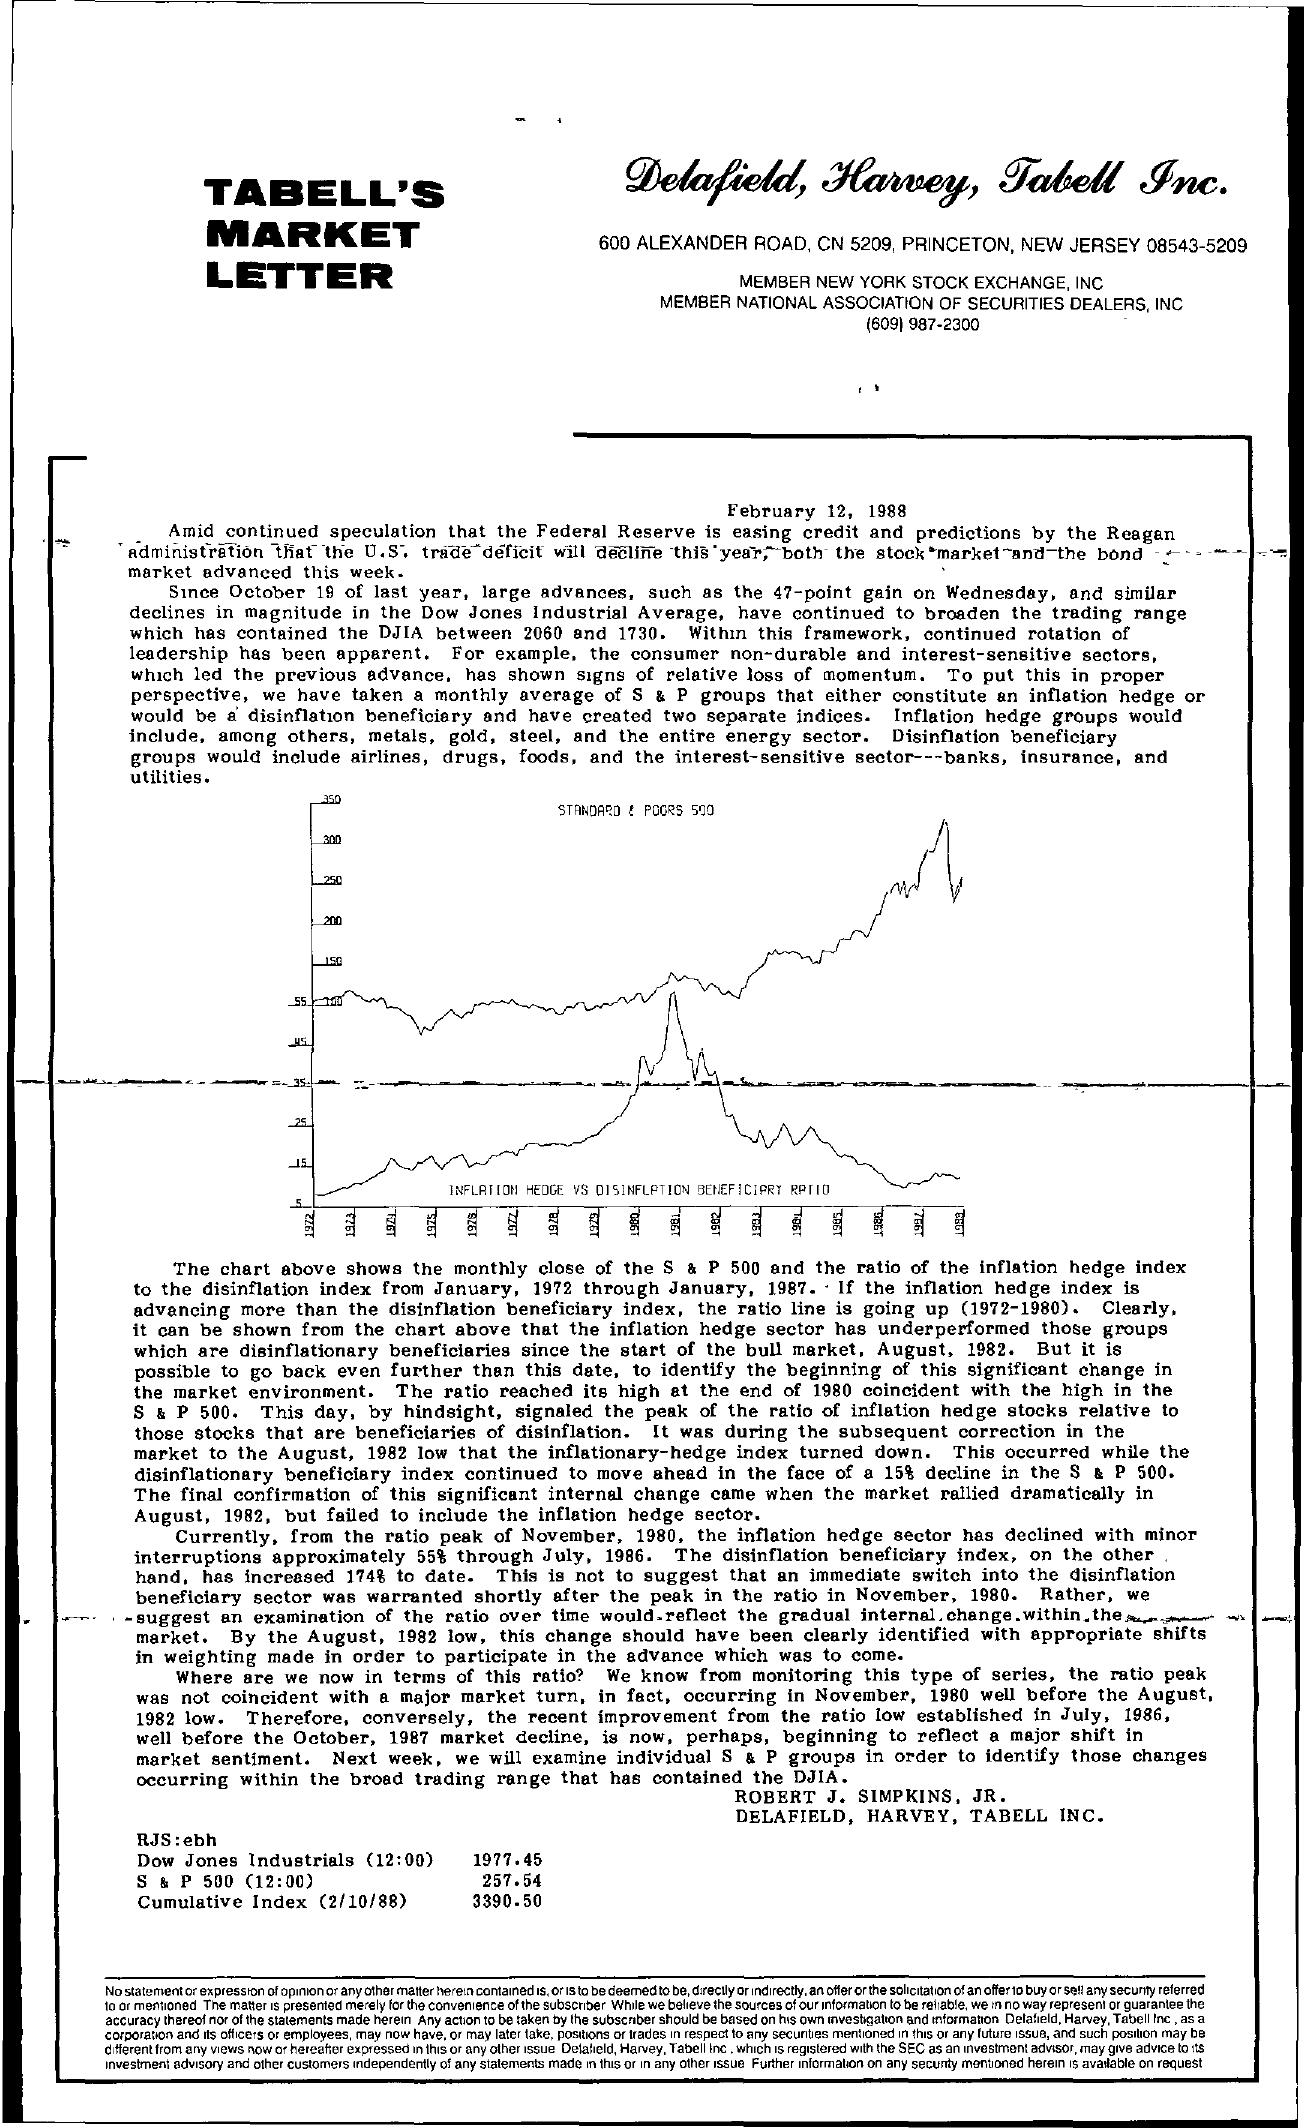 Tabell's Market Letter - February 12, 1988